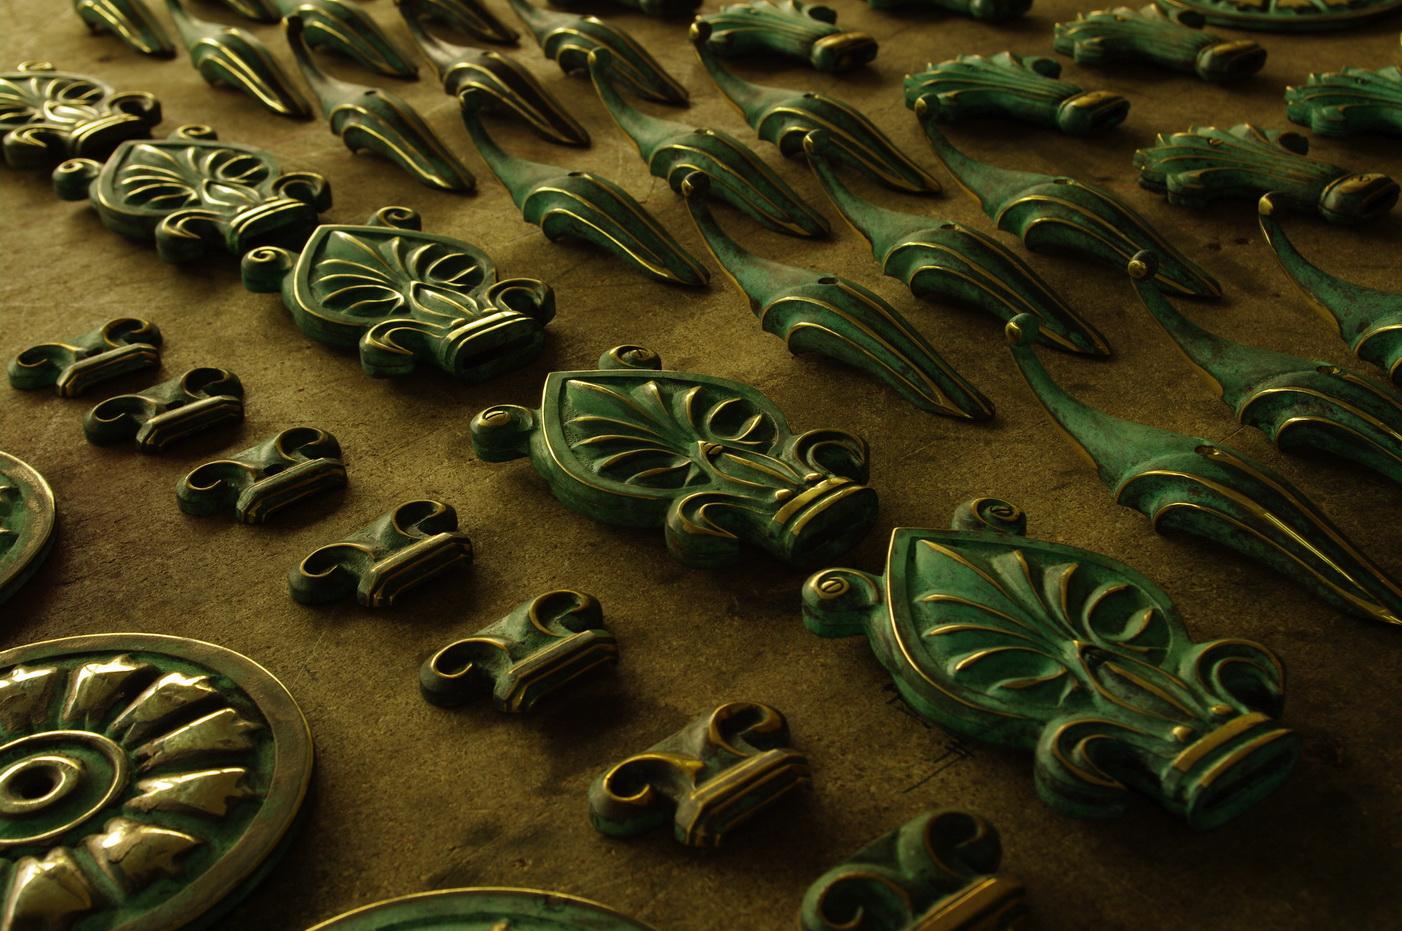 Изготовление бронзы: производители, способы получения, технология производства